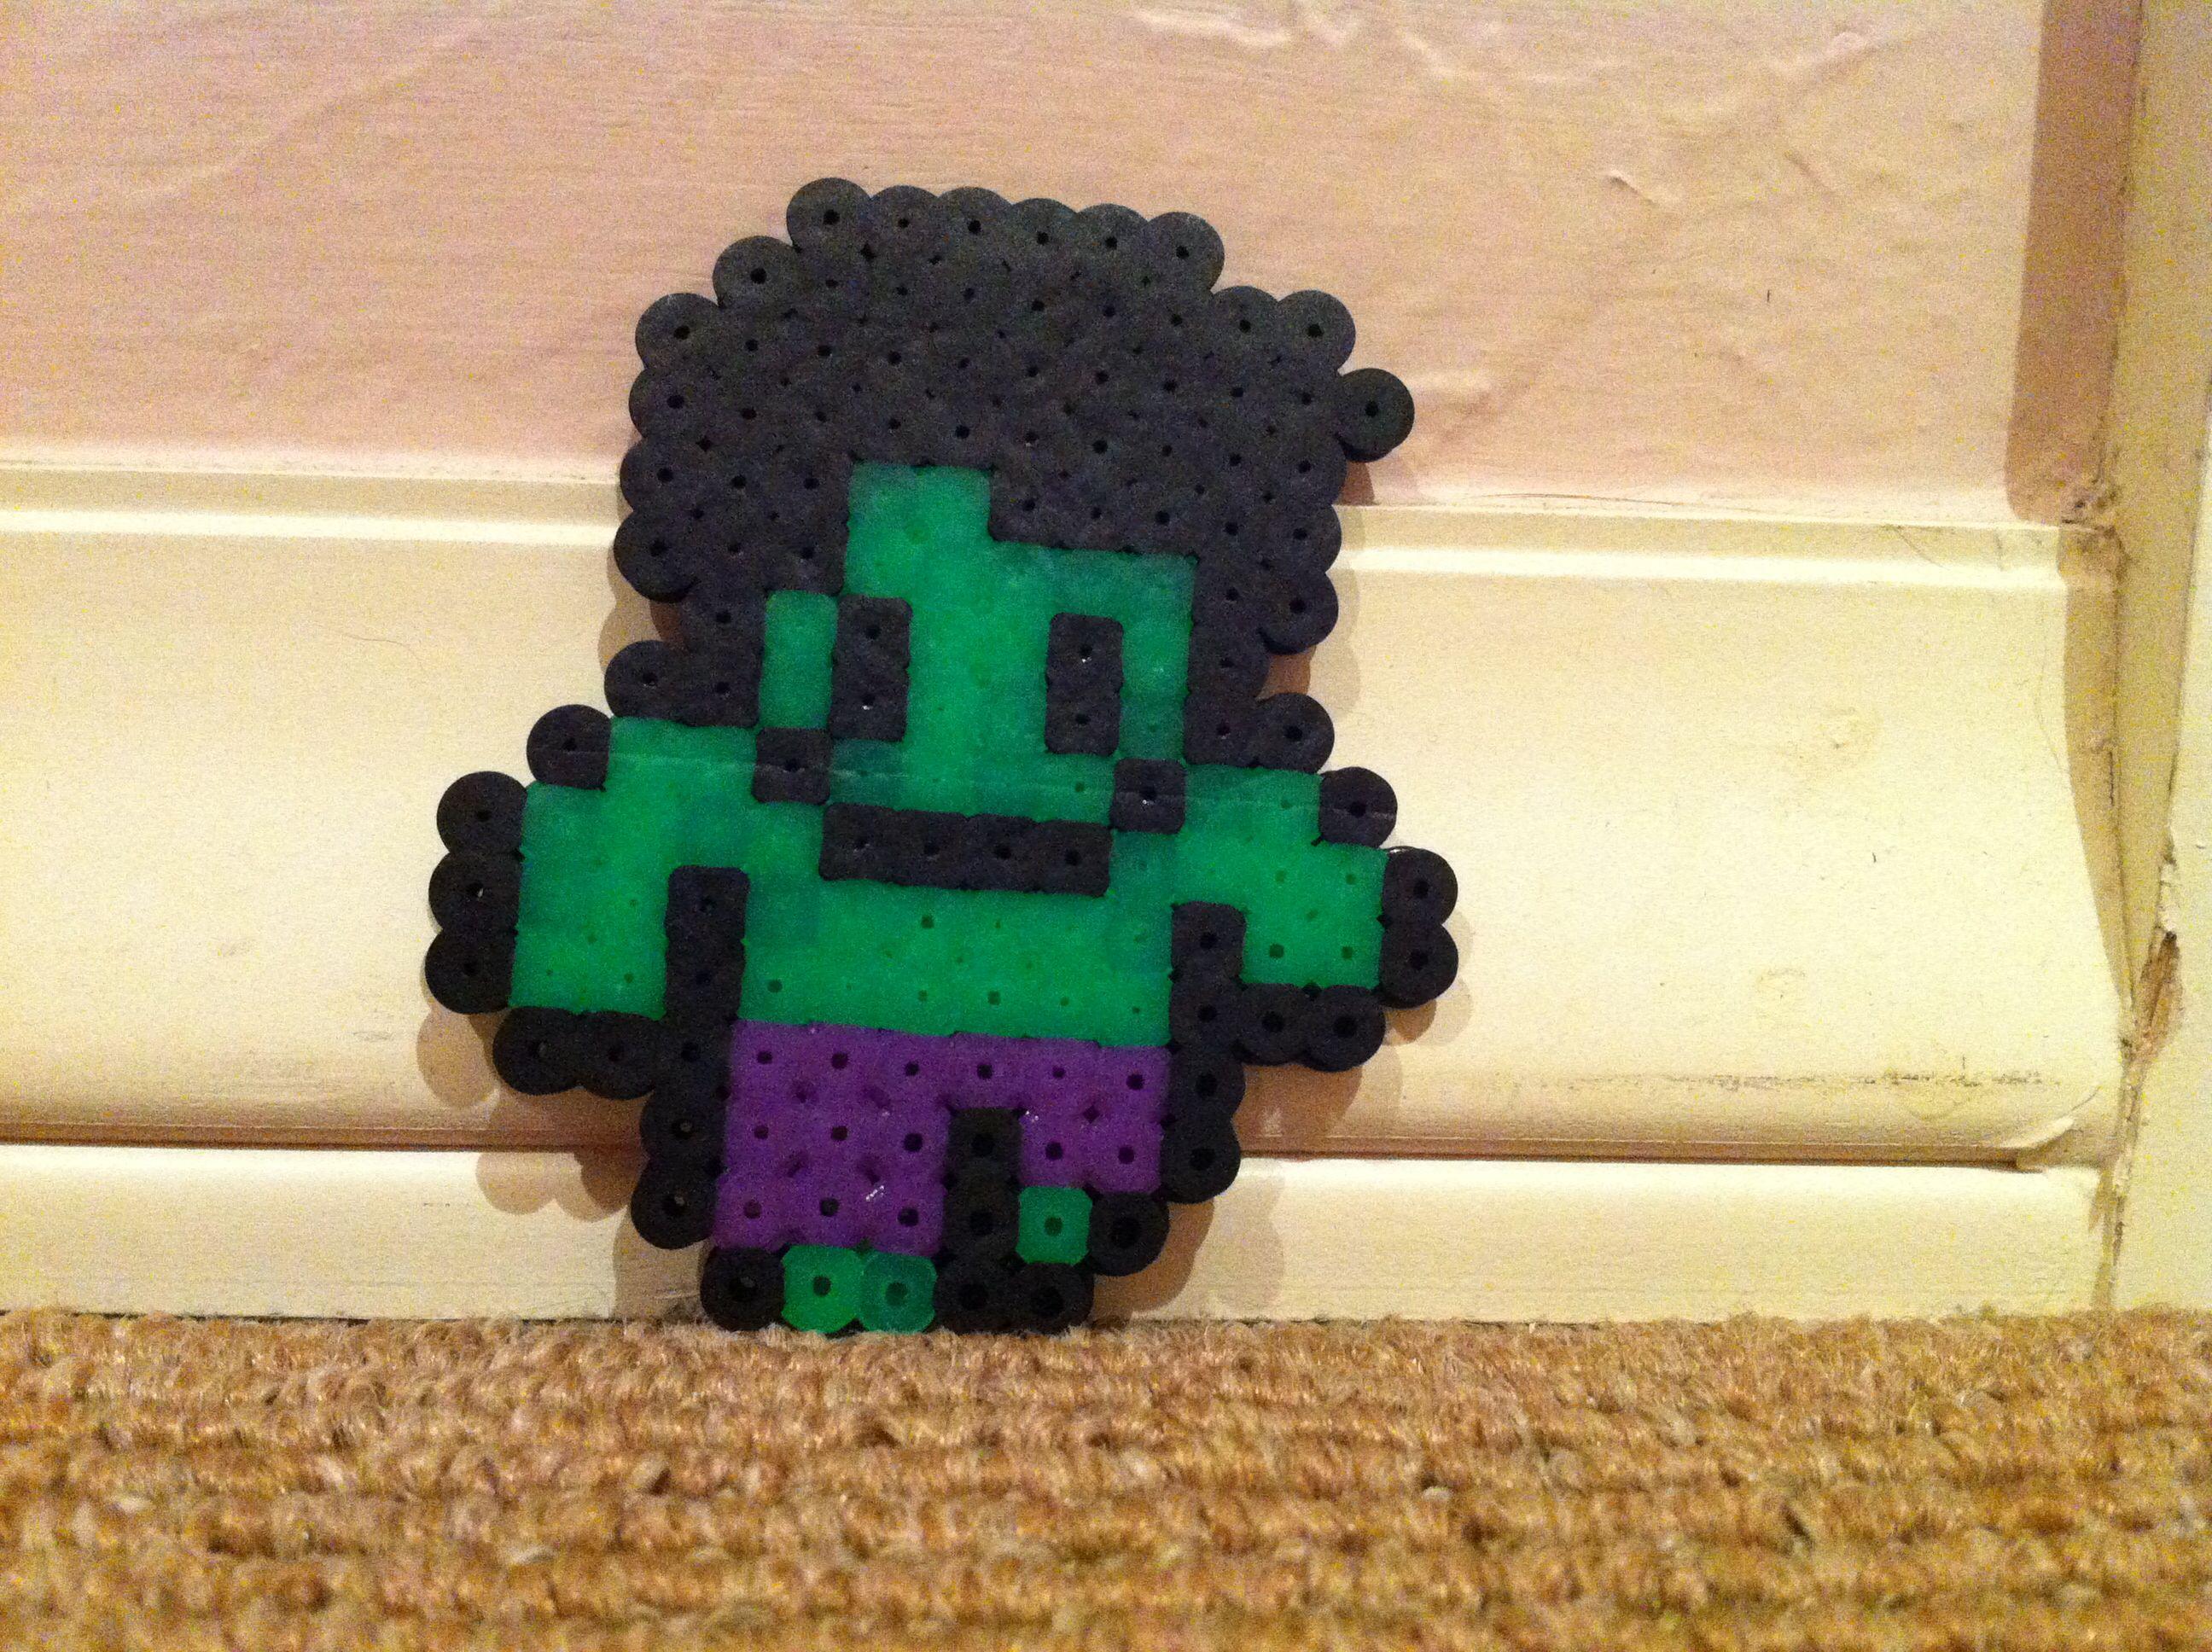 The Hulk Perler Beads  by Sophia S.